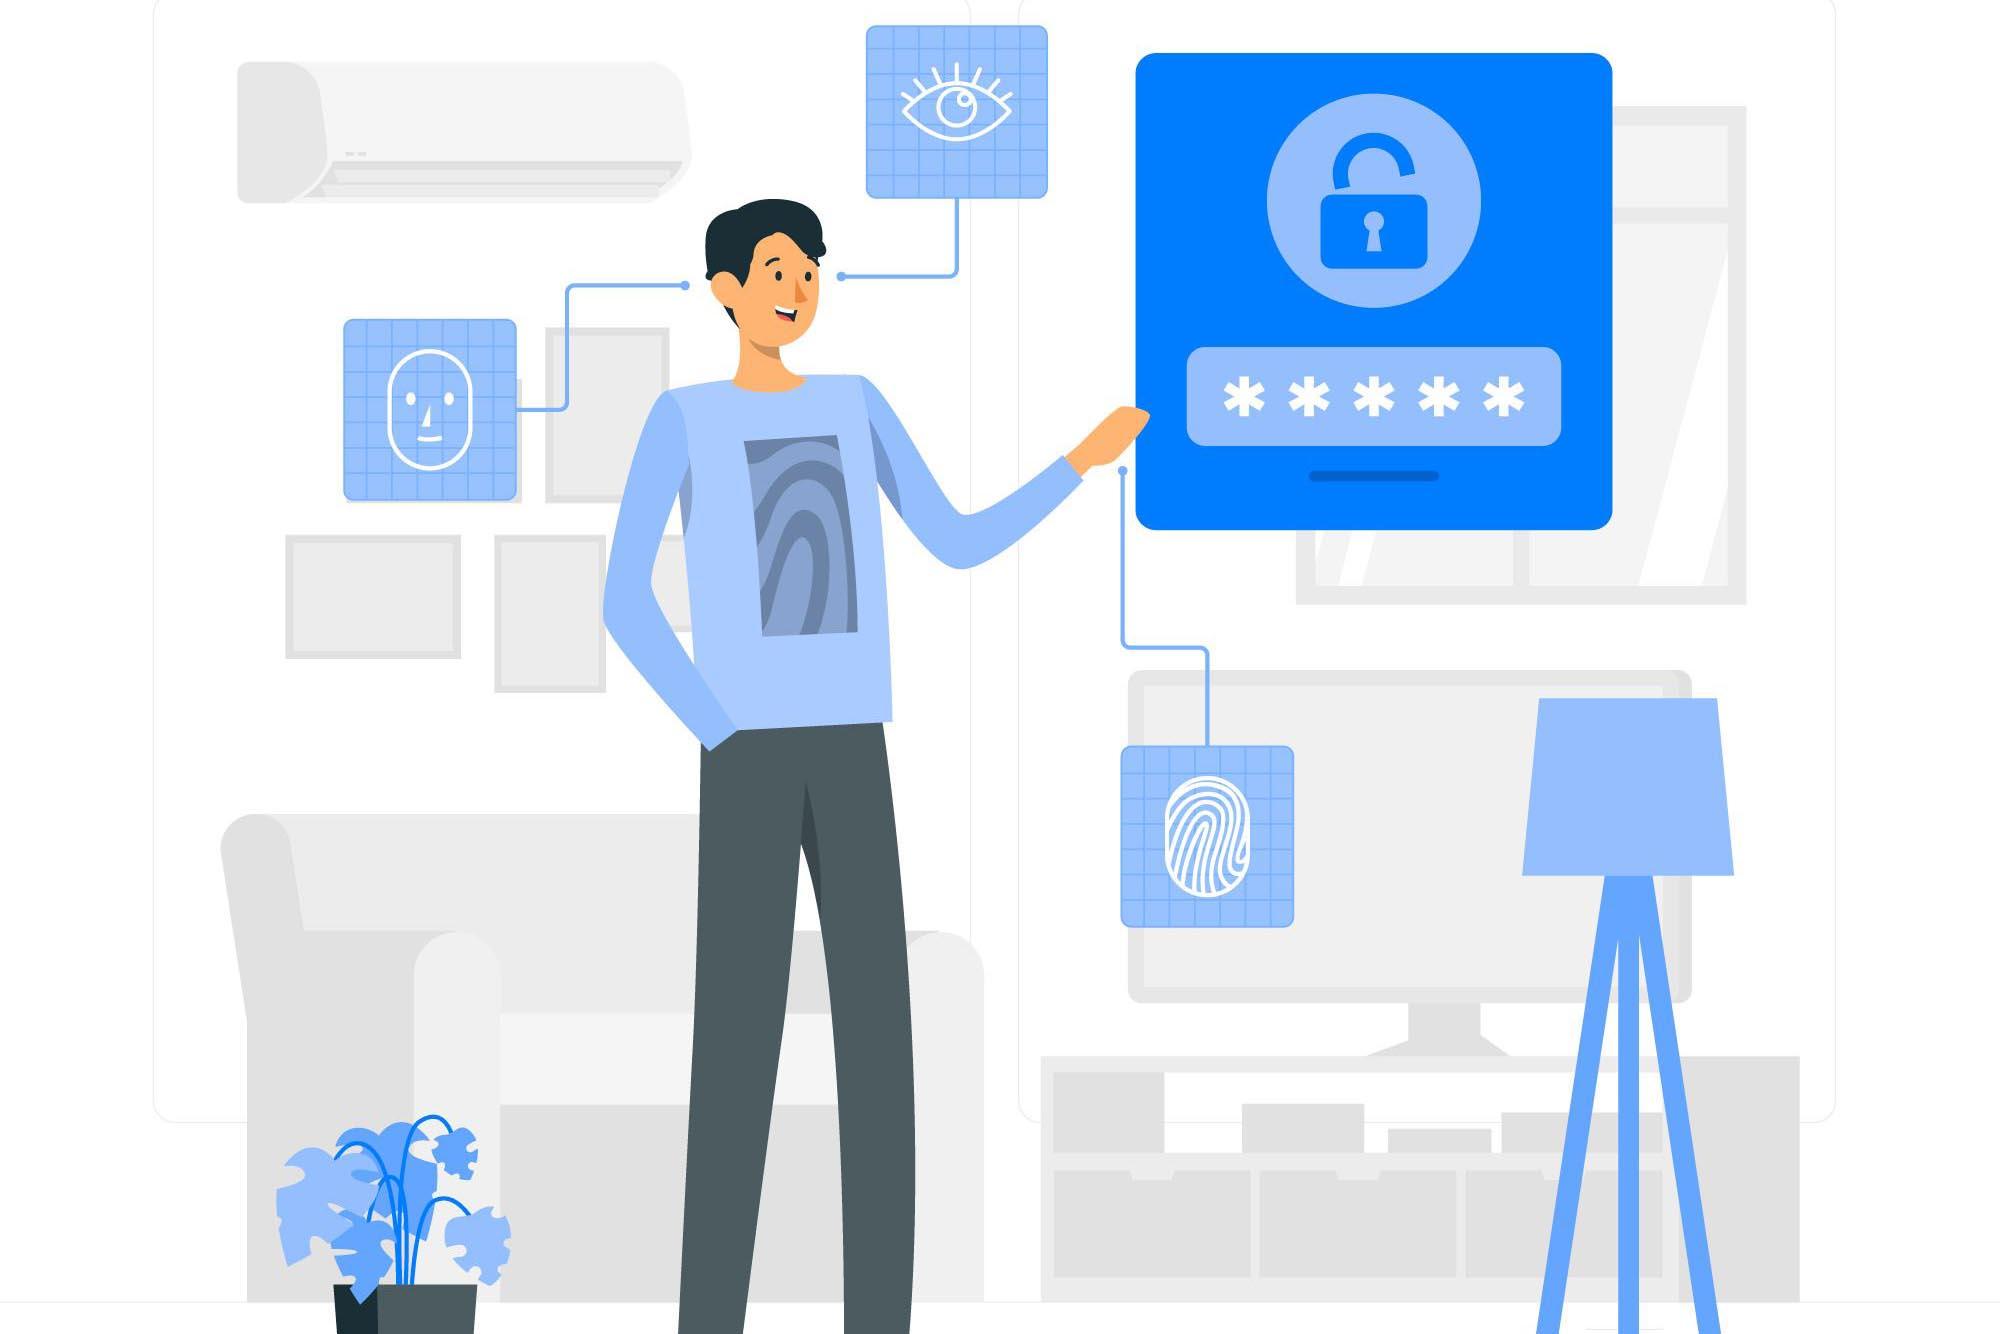 Gerenciador de senhas: saiba como usar, sincronizar entre dispositivos e melhorar sua segurança